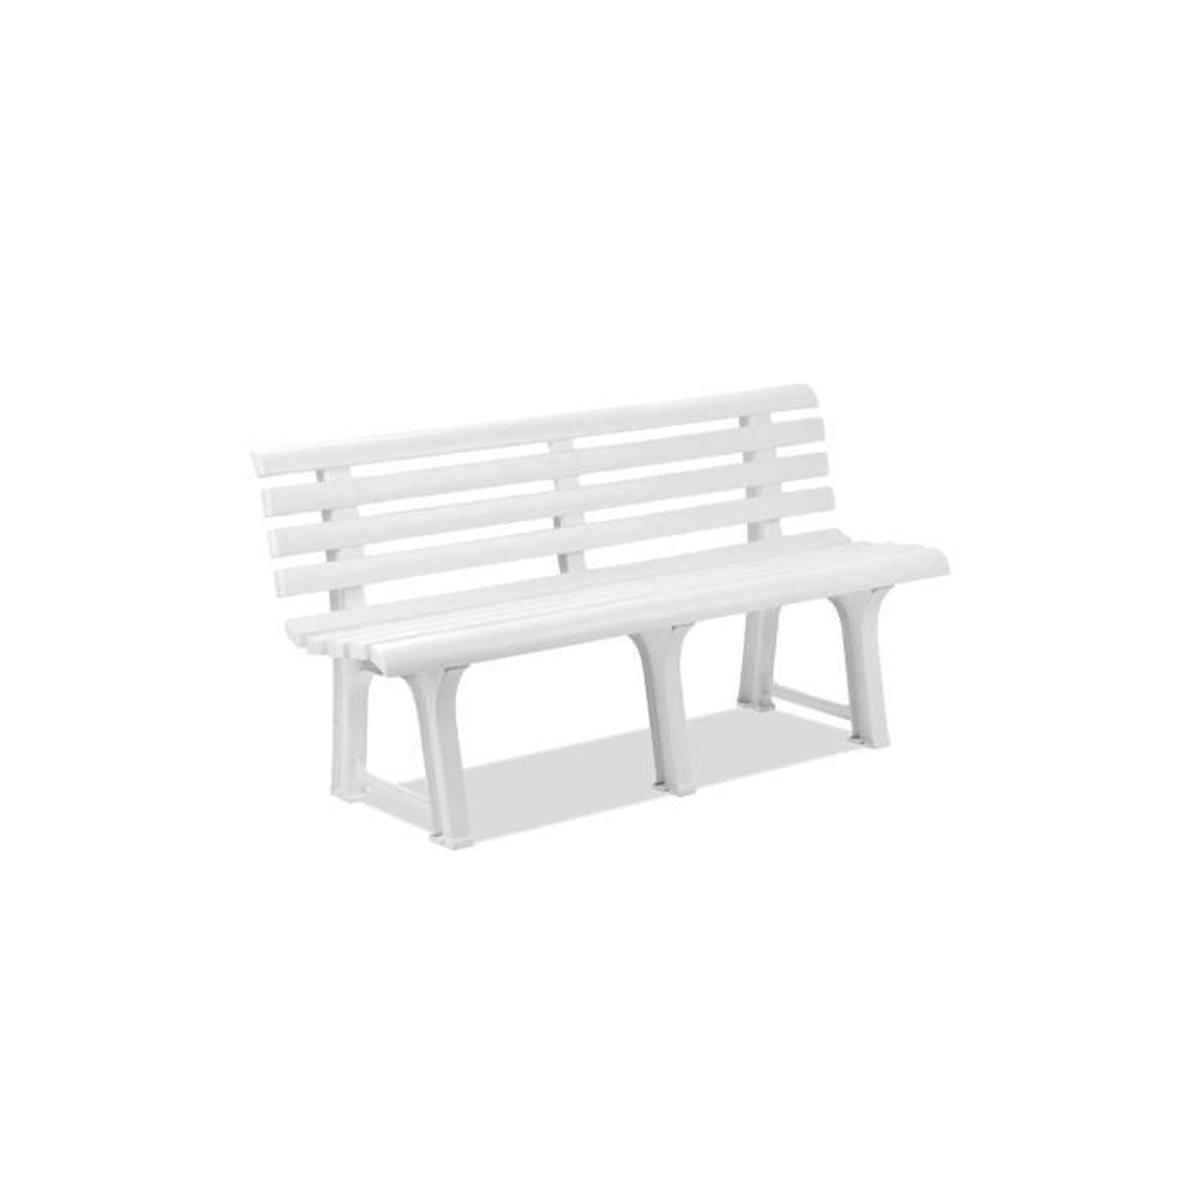 Banc De Jardin En Plastique Blanc - Achat / Vente Banc D ... concernant Banc Plastique Jardin